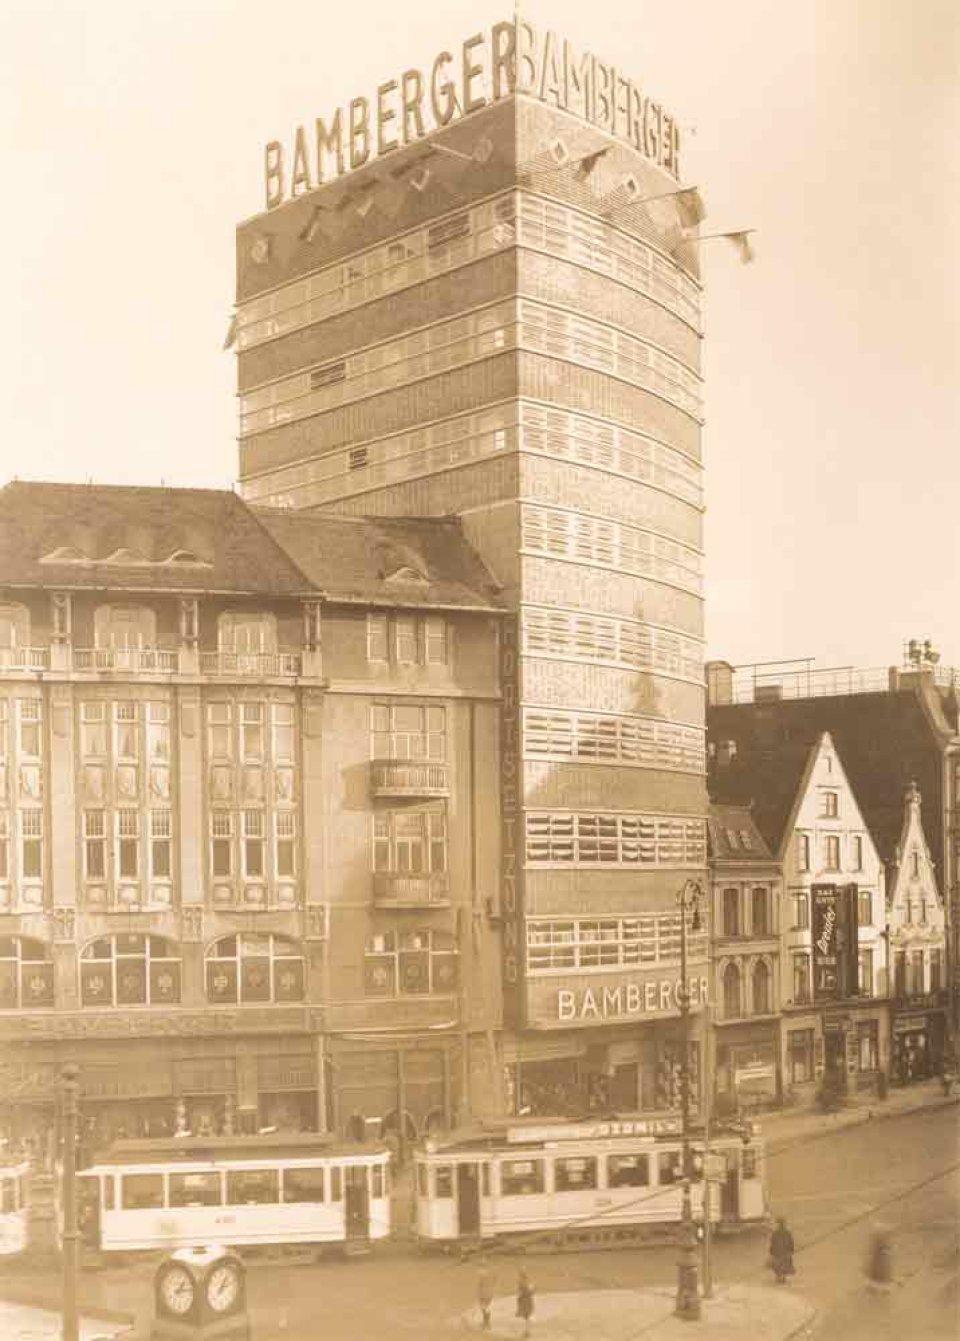 Ein hohes Kaufhaus zwischen kleineren Gebäuden. Im Vordergrund fährt eine Straßenbahn. Eine Schwarzweißfotografie von 1930.